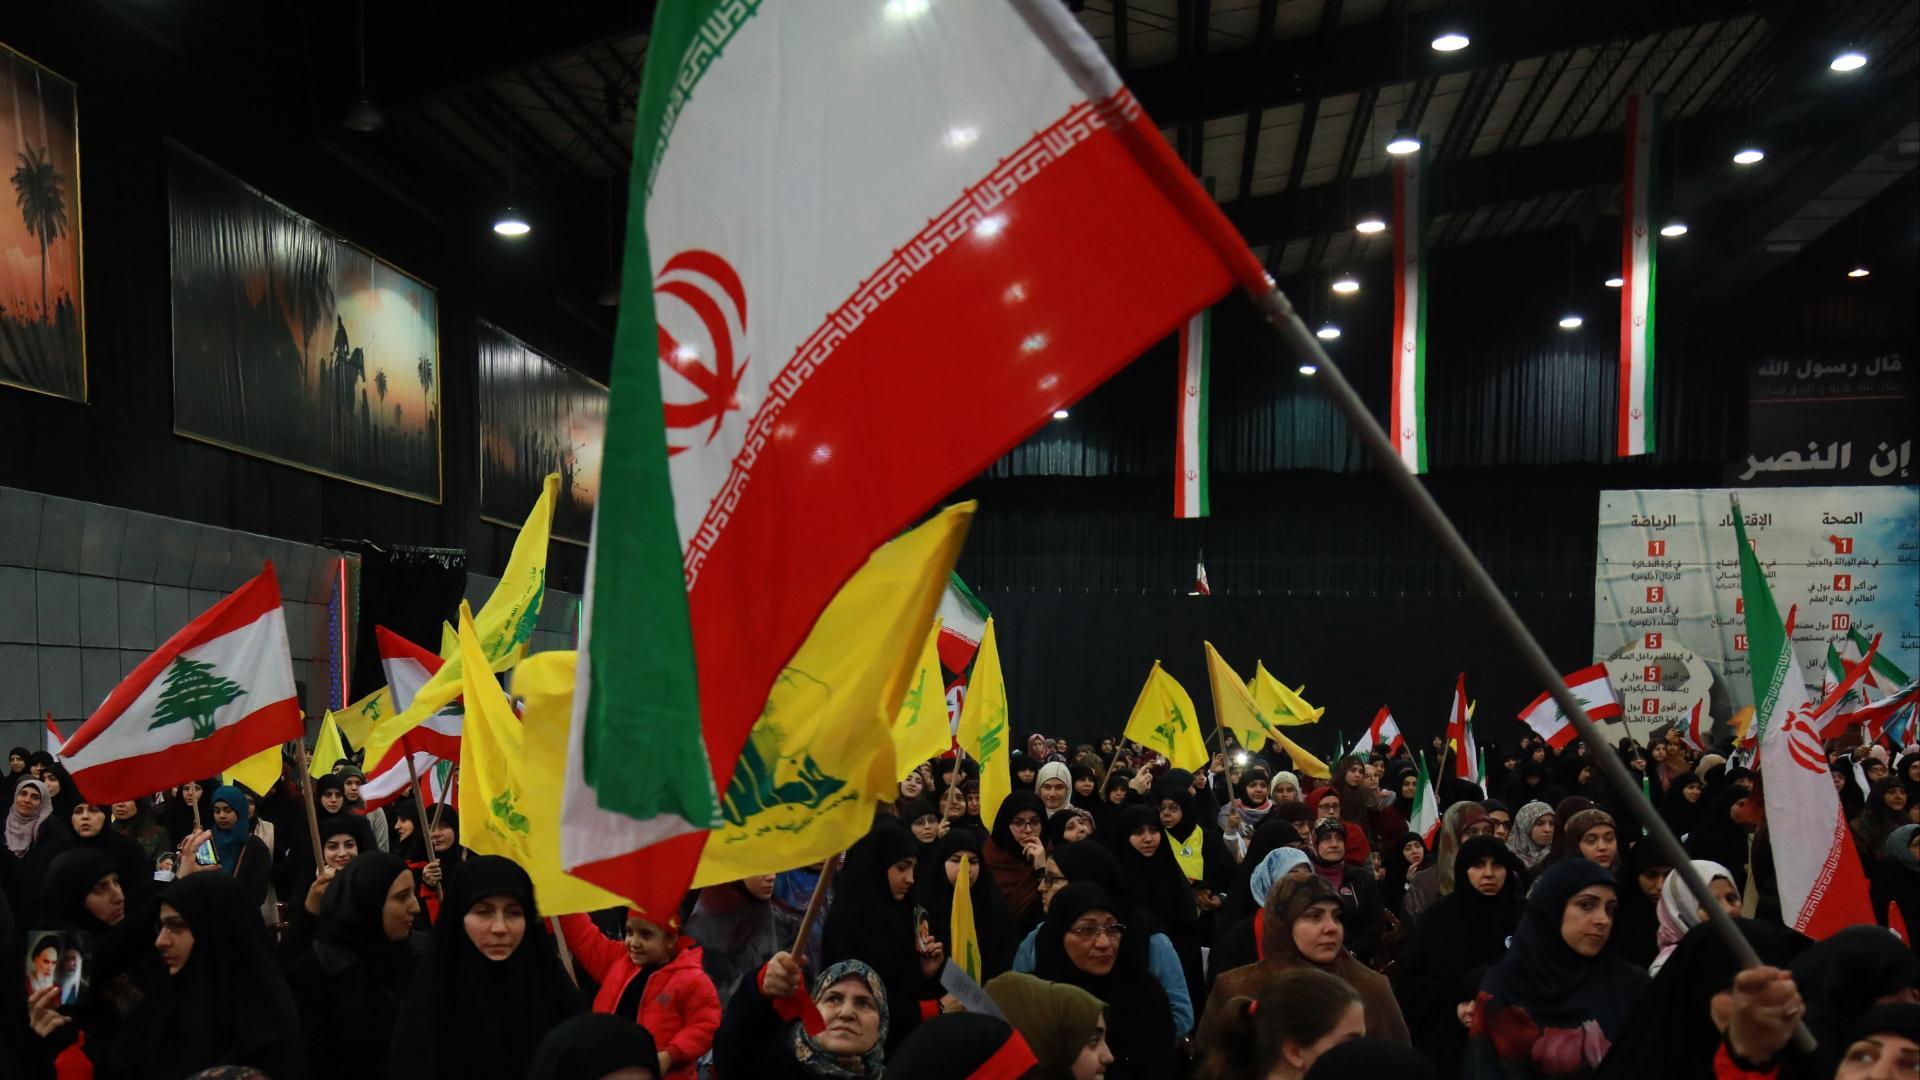 إيران تنتقد بريطانيا بسبب إدراج حزب الله على قوائم الإرهاب